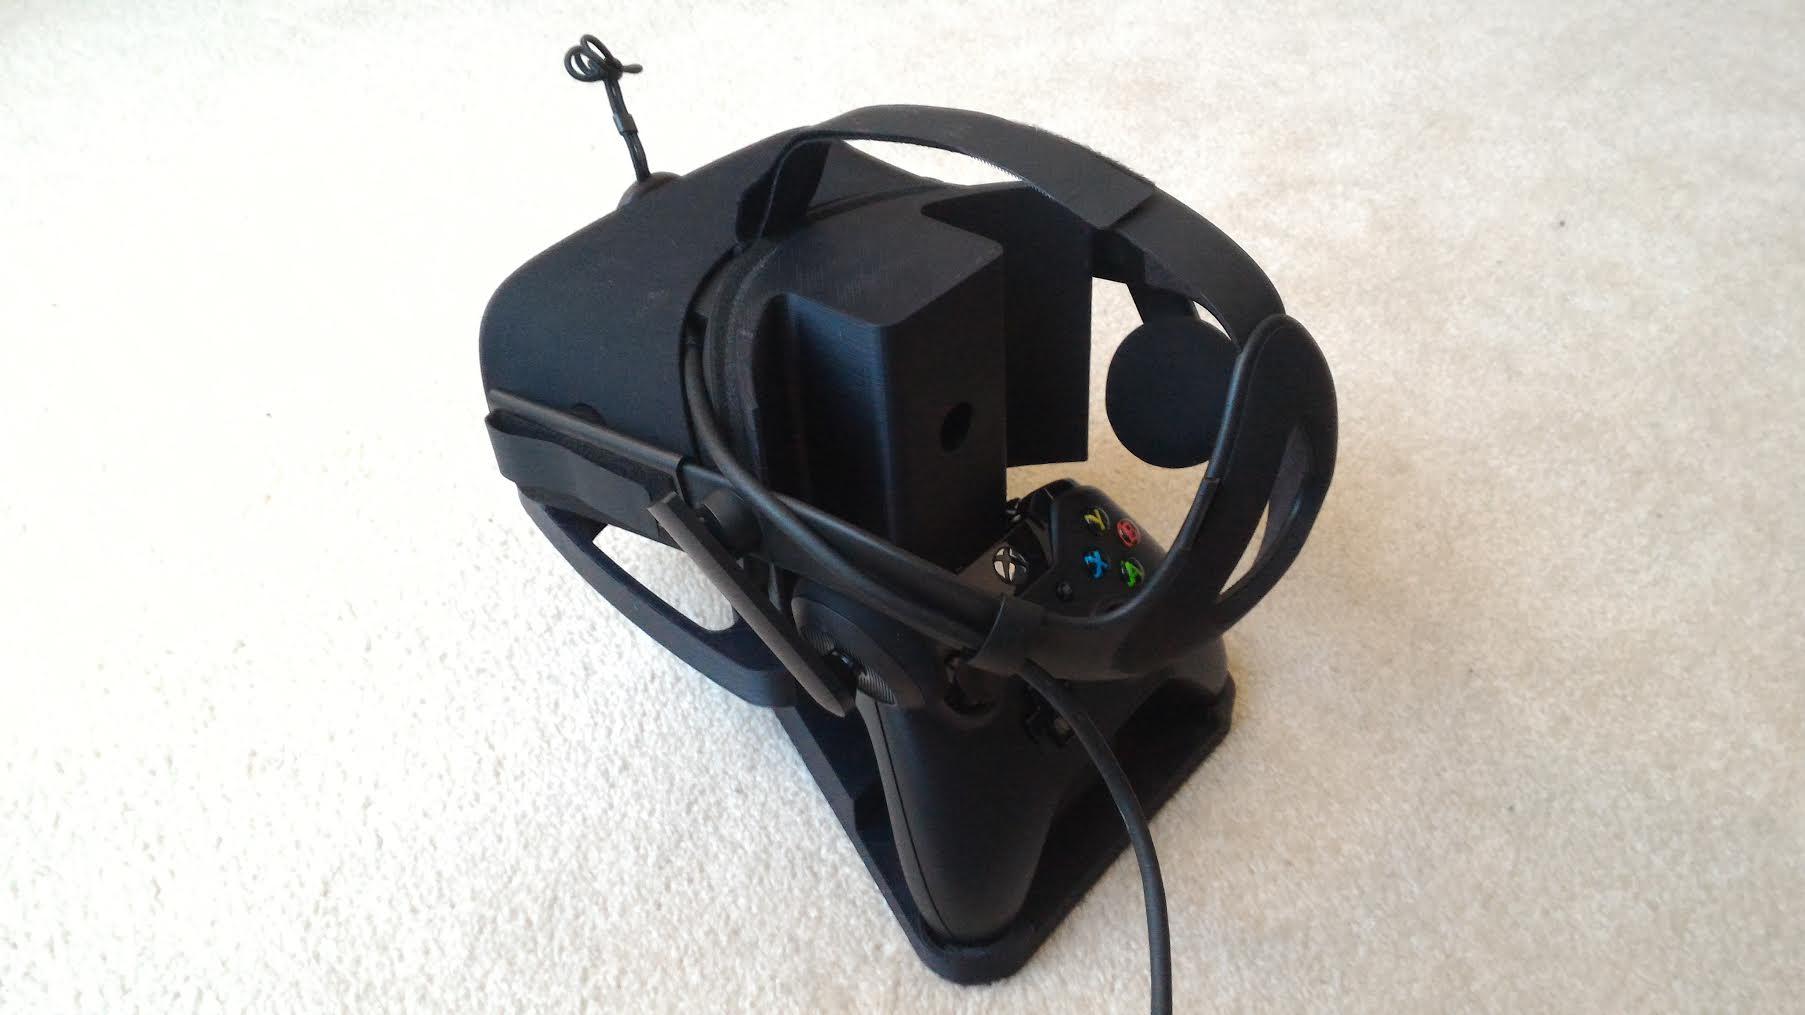 3d Printable Oculus Rift Cv1 Stand Version 2 By Jim Bob